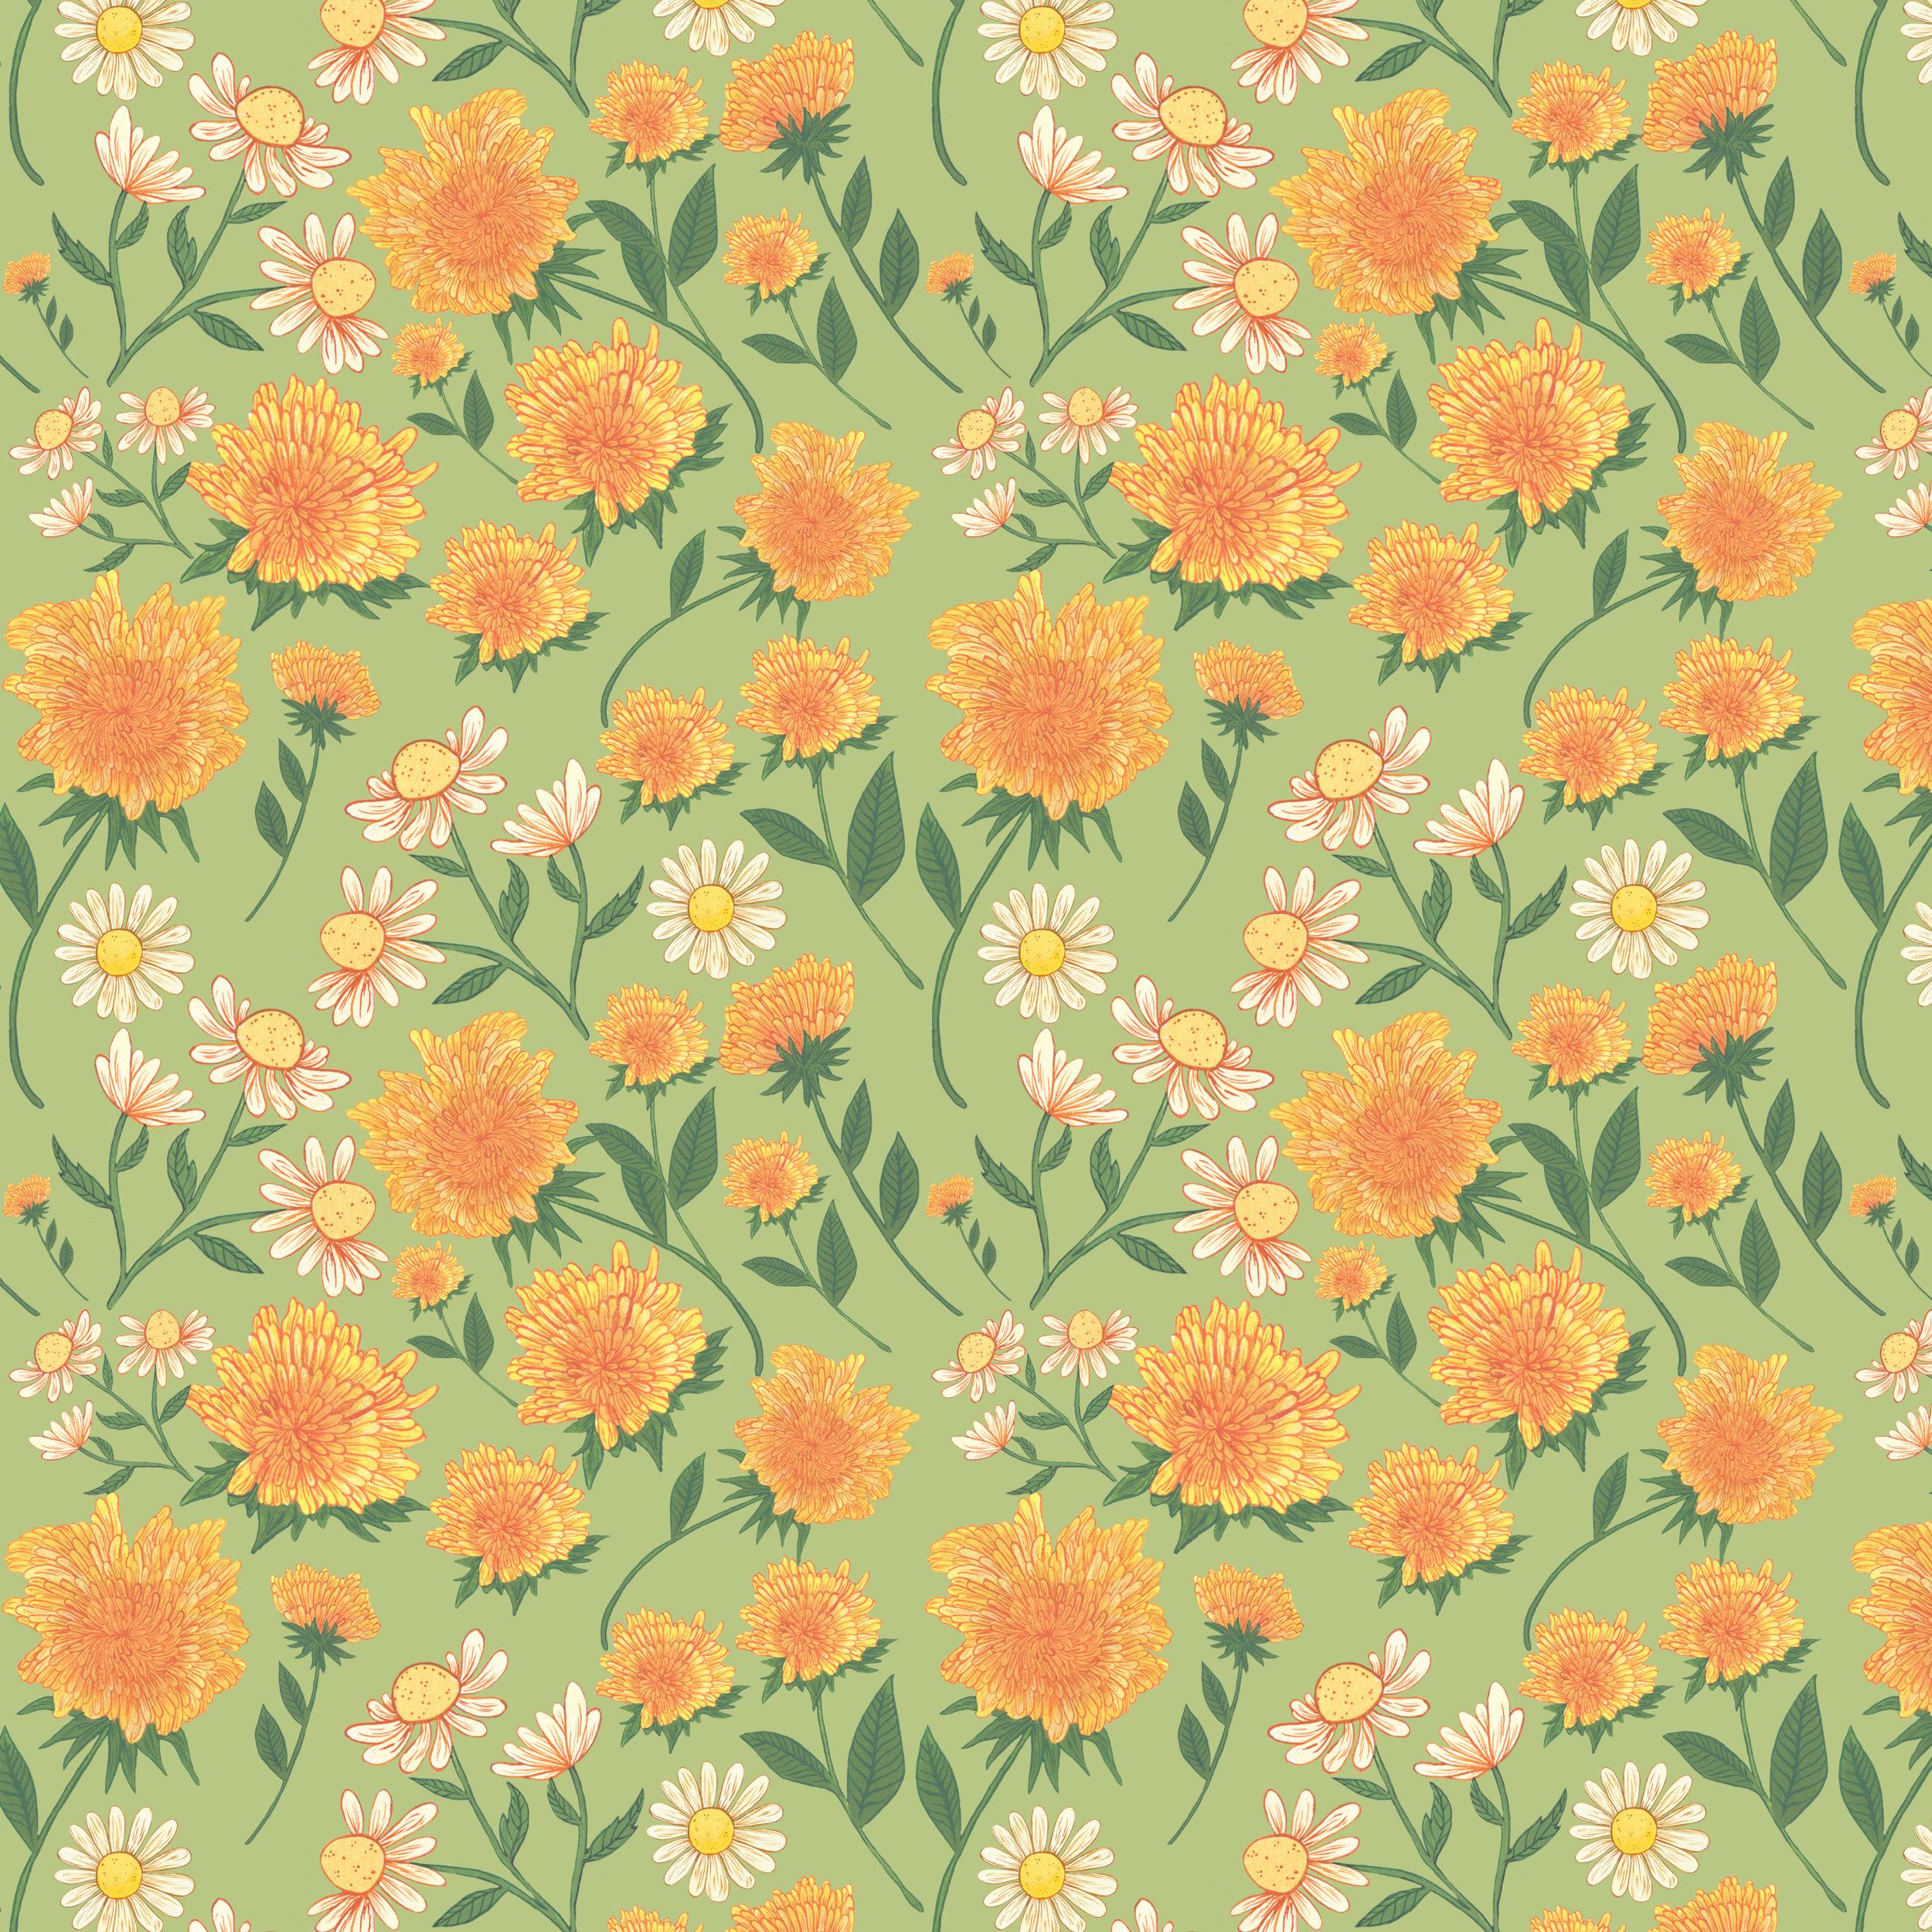 dandelions and daisies s6.jpg